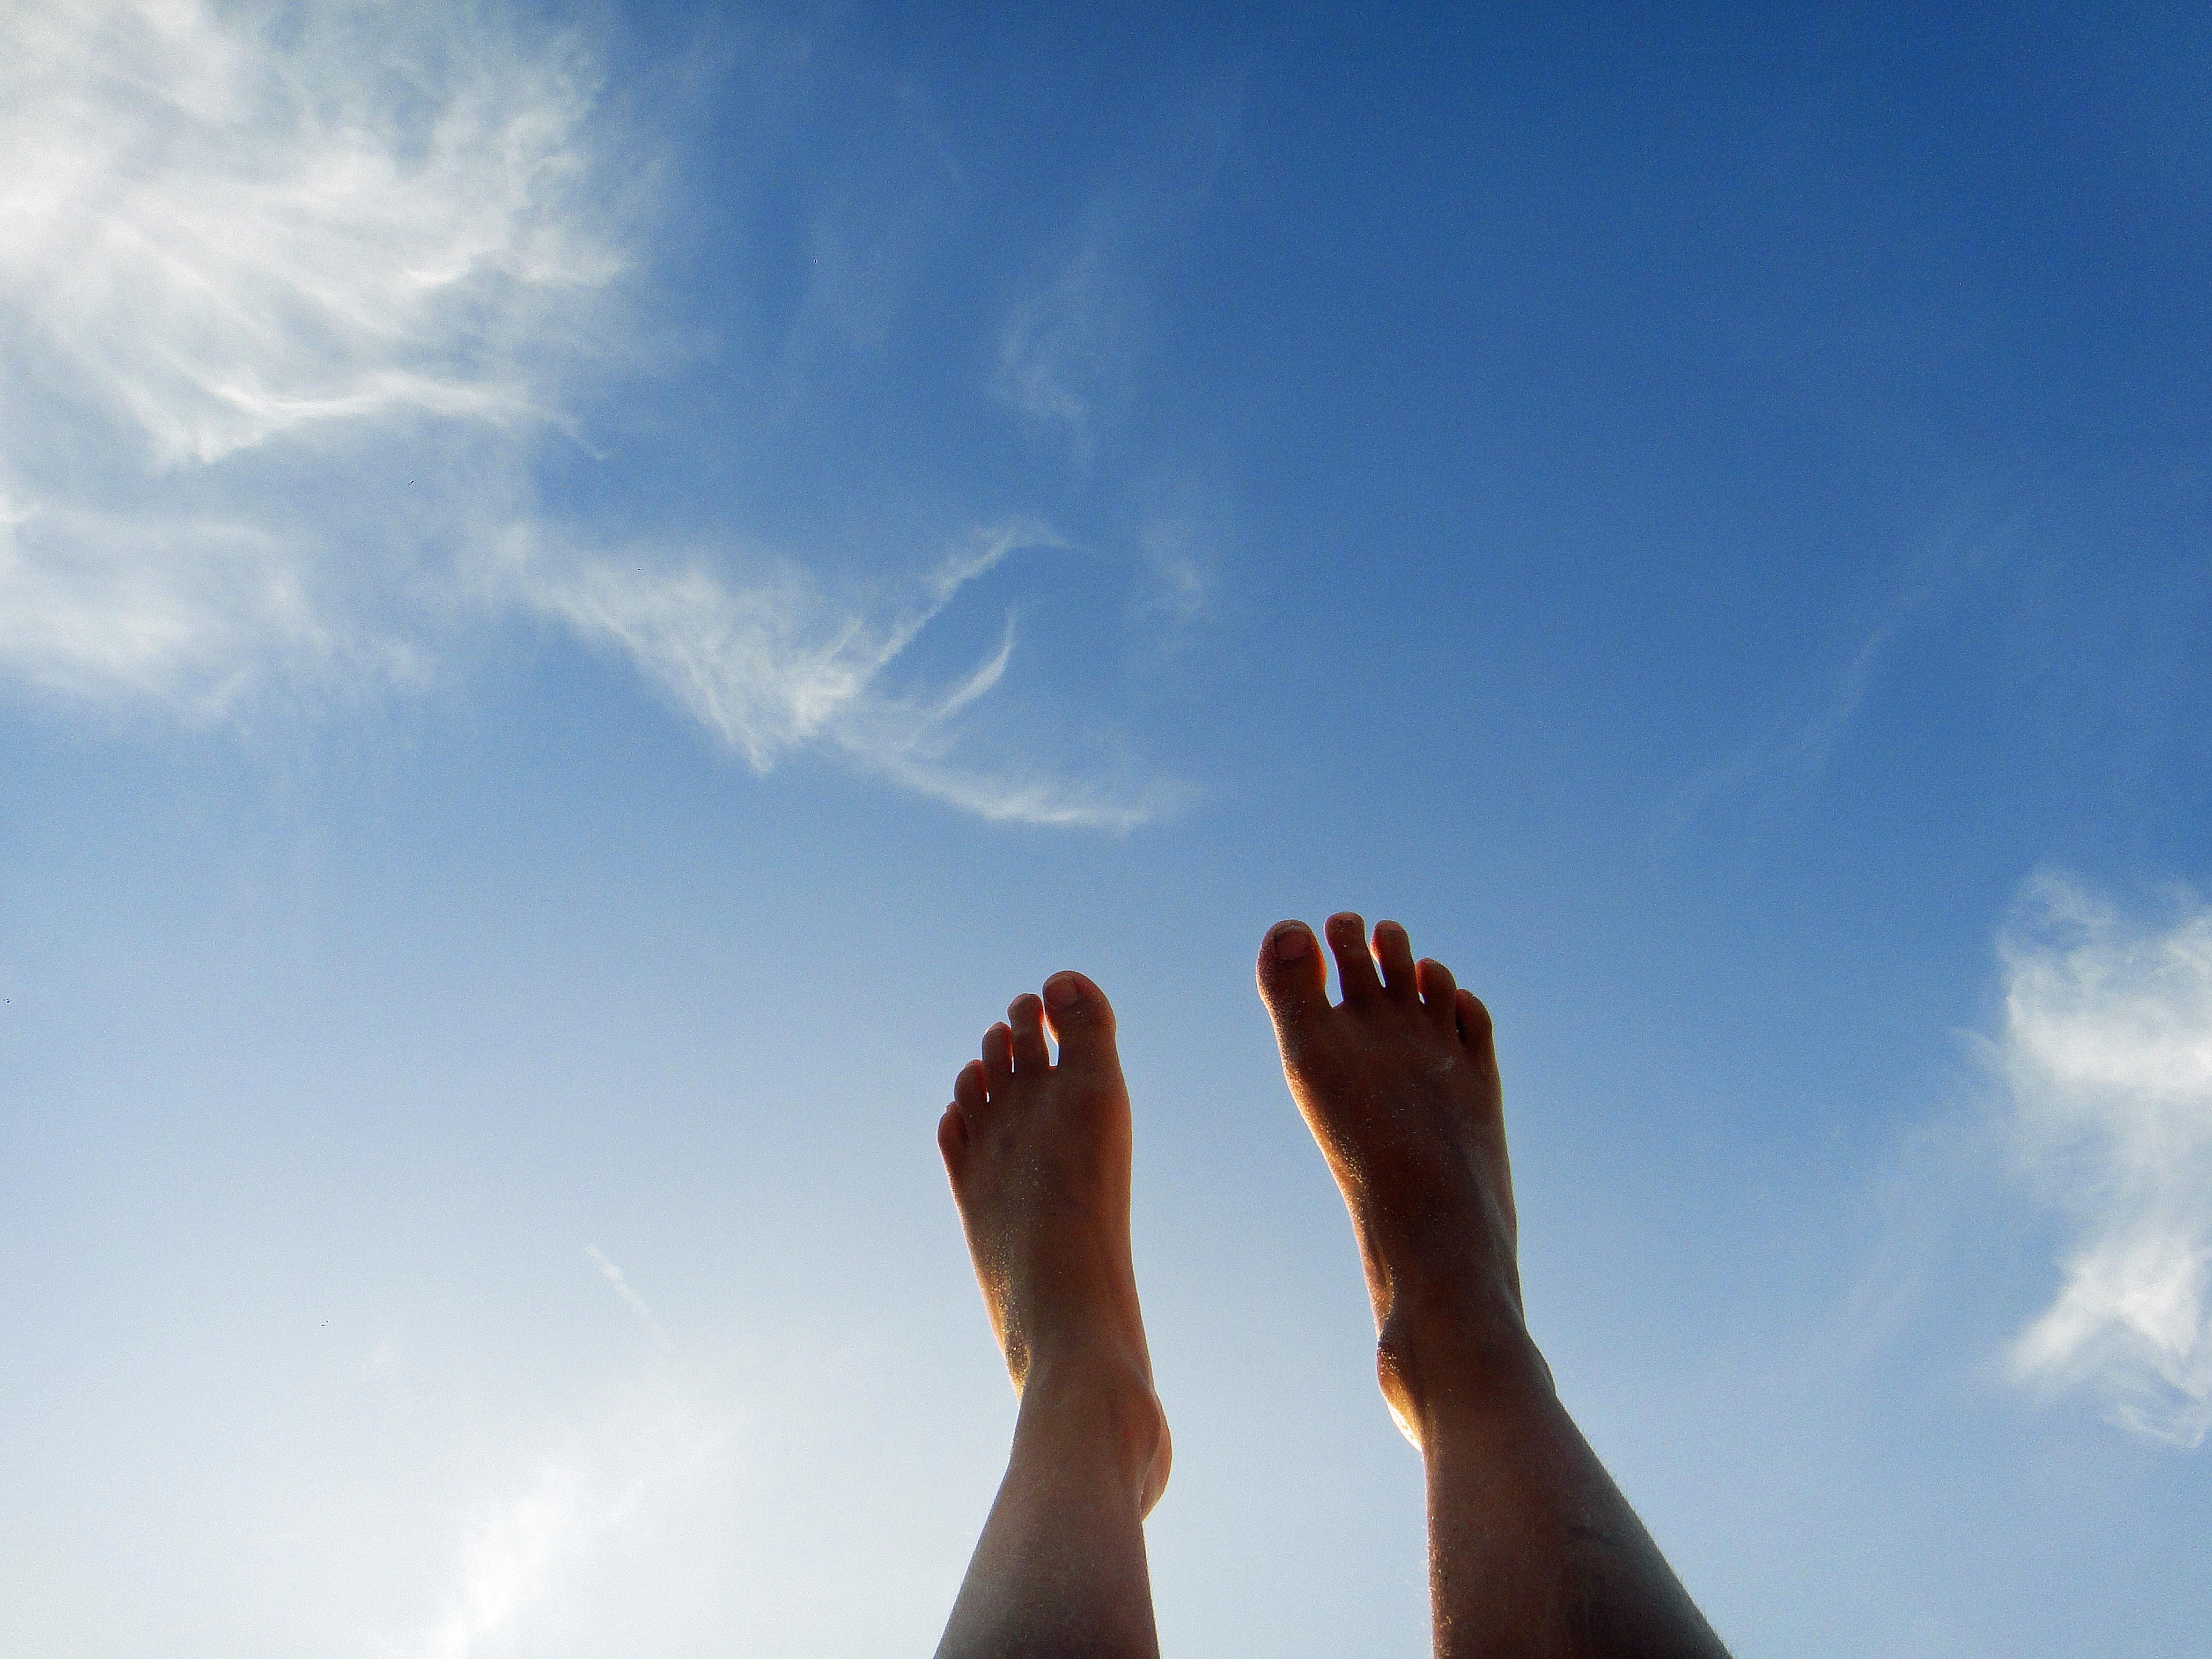 новый что если на фото палец к небу окраской необходимо